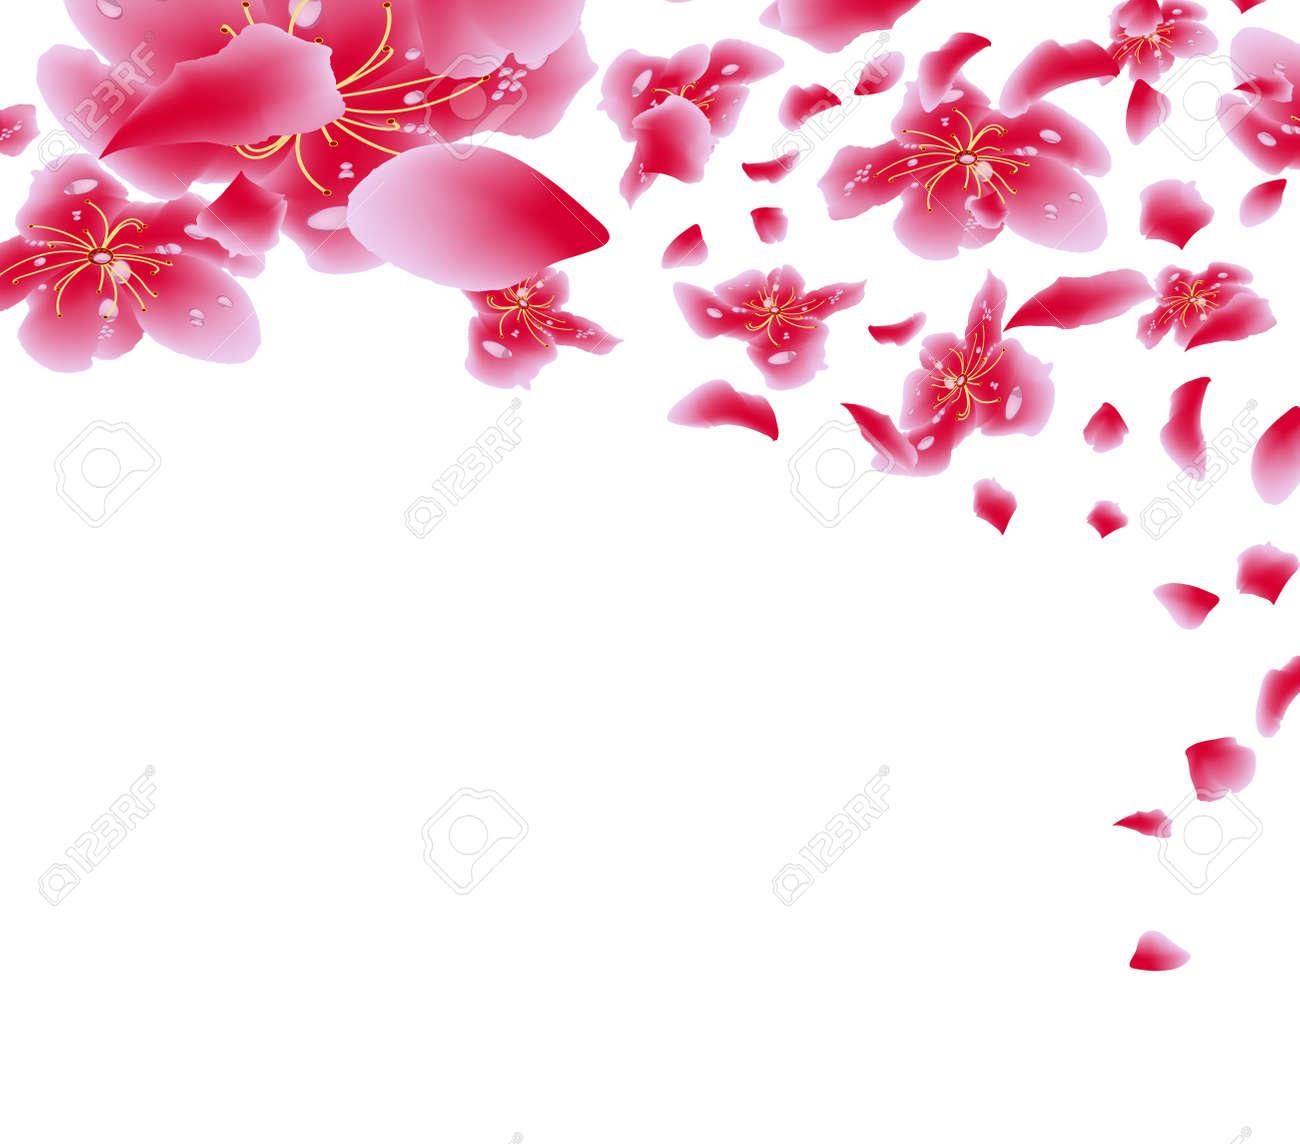 Sakura Flowers Background Cherry Blossom Isolated White Chinese New Year Stock Vector